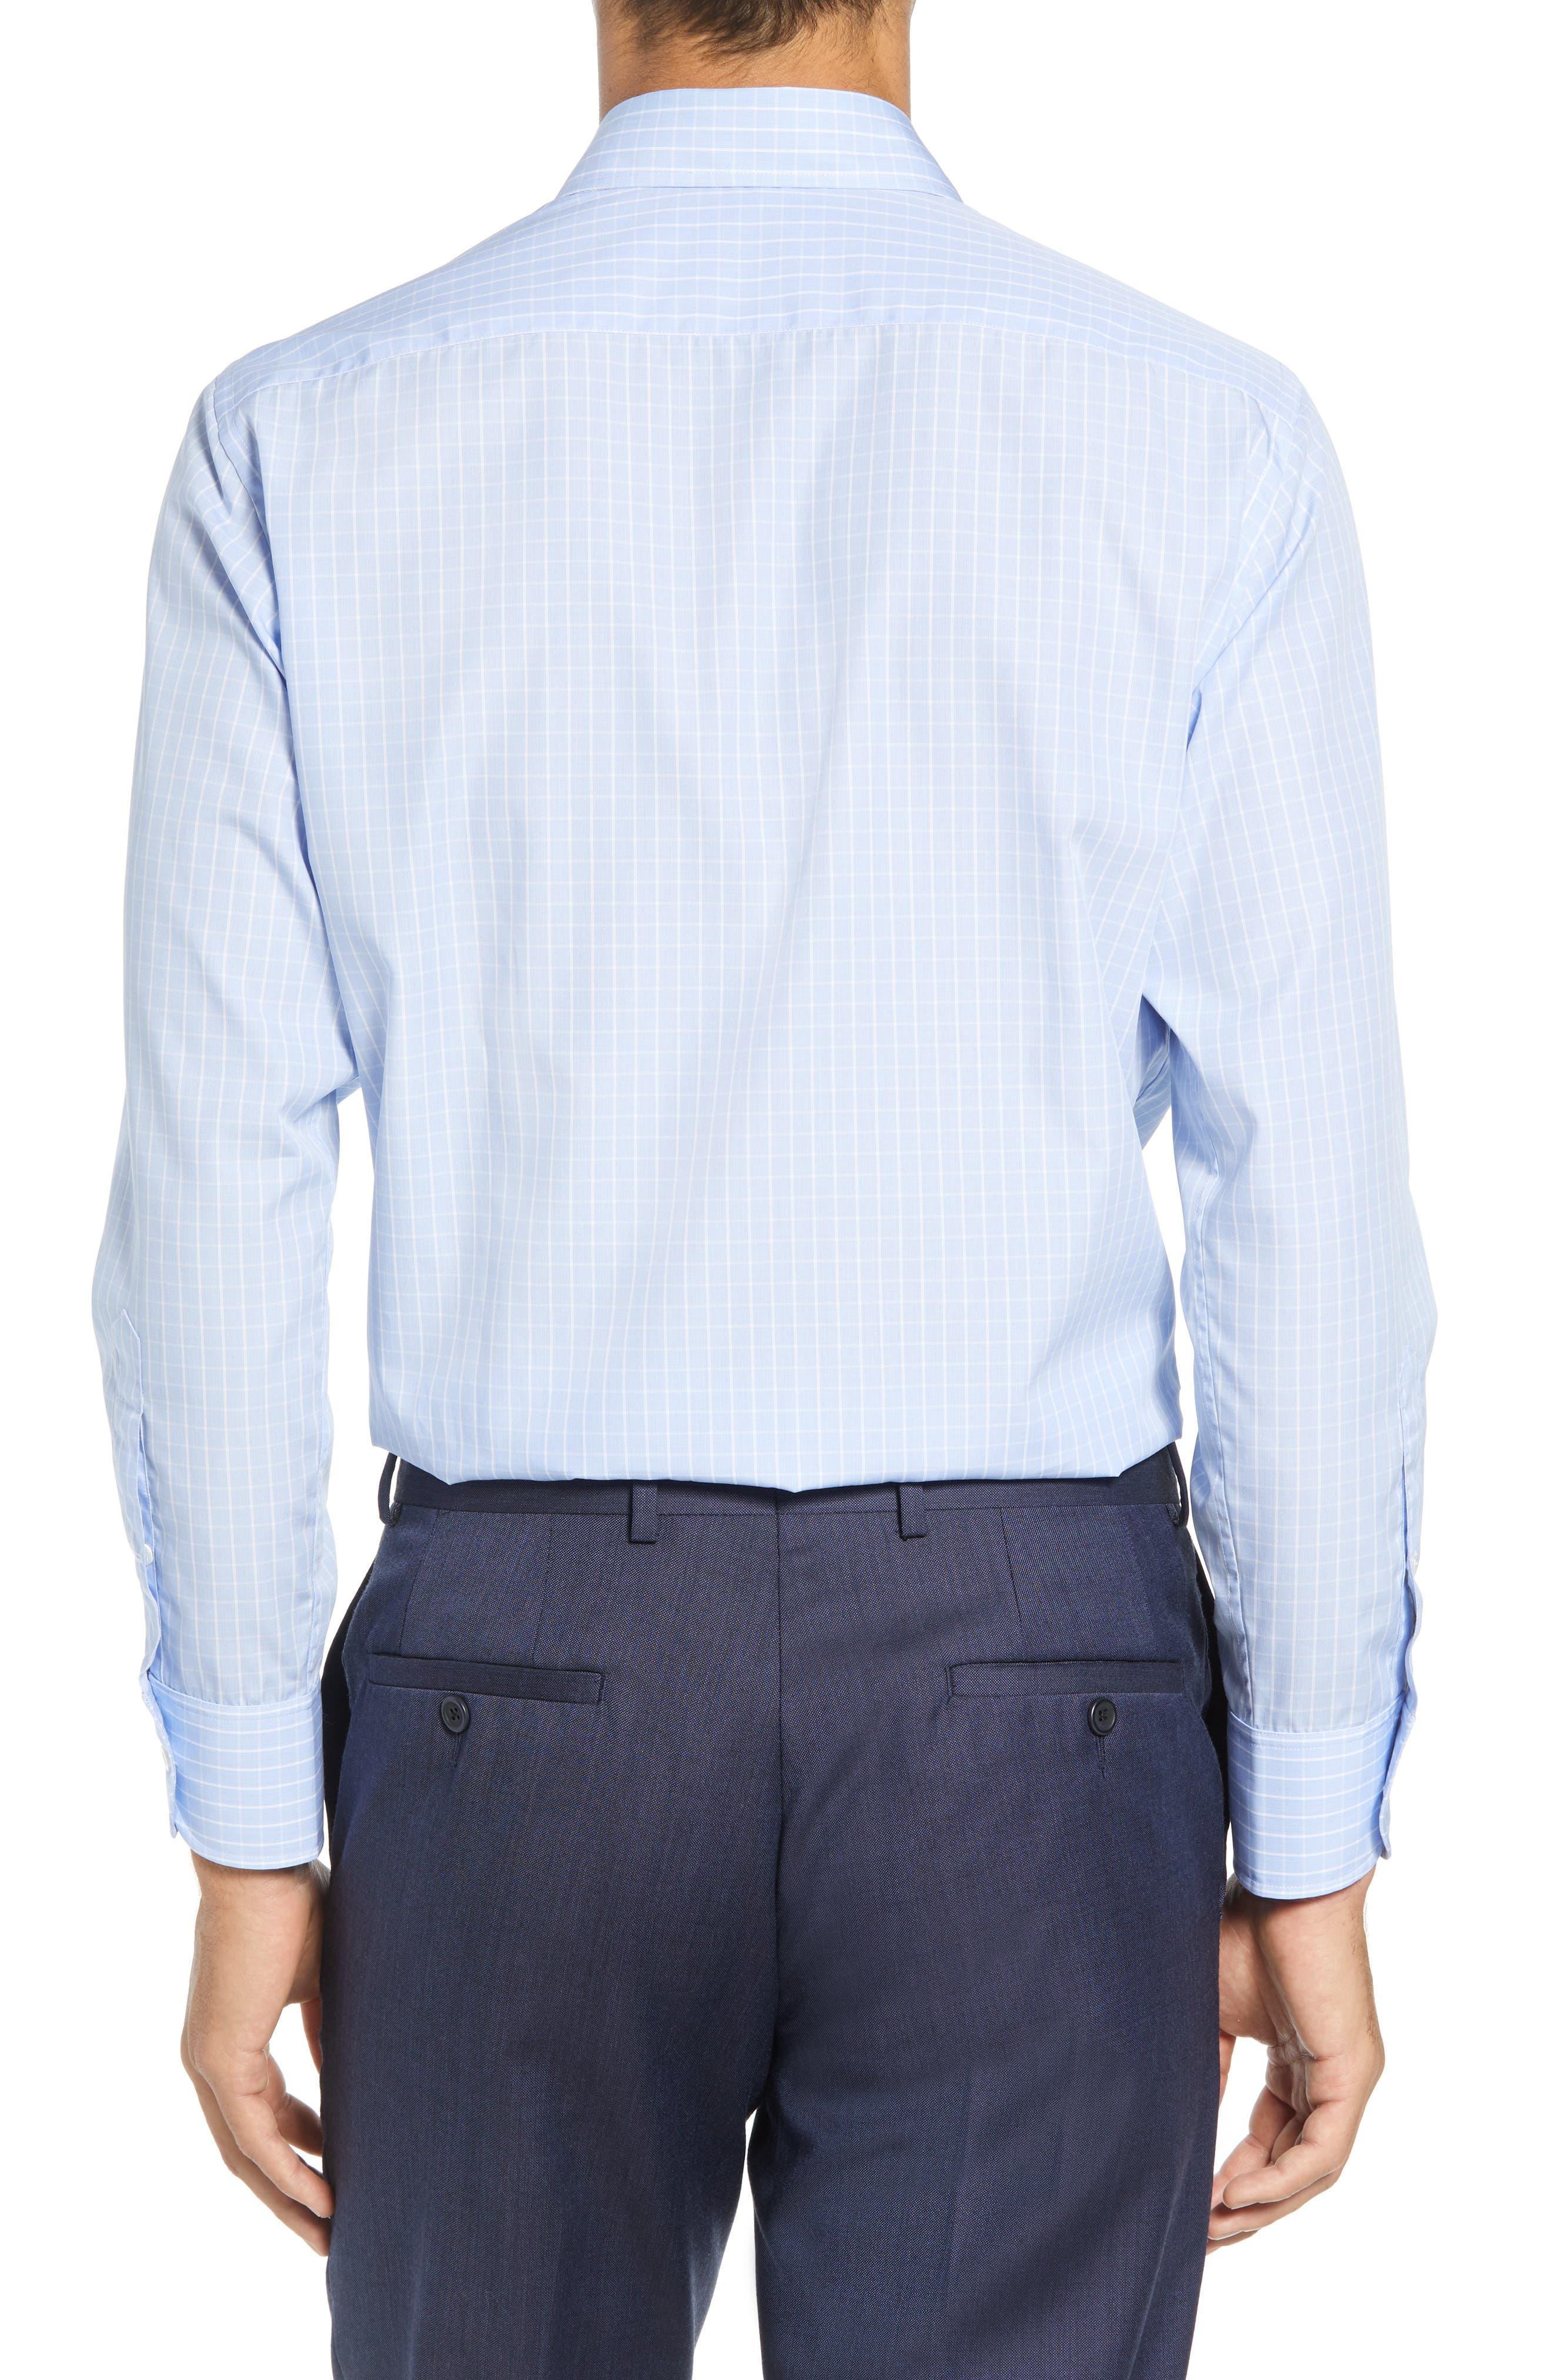 McBride Trim Fit Check Dress Shirt,                             Alternate thumbnail 3, color,                             BLUE